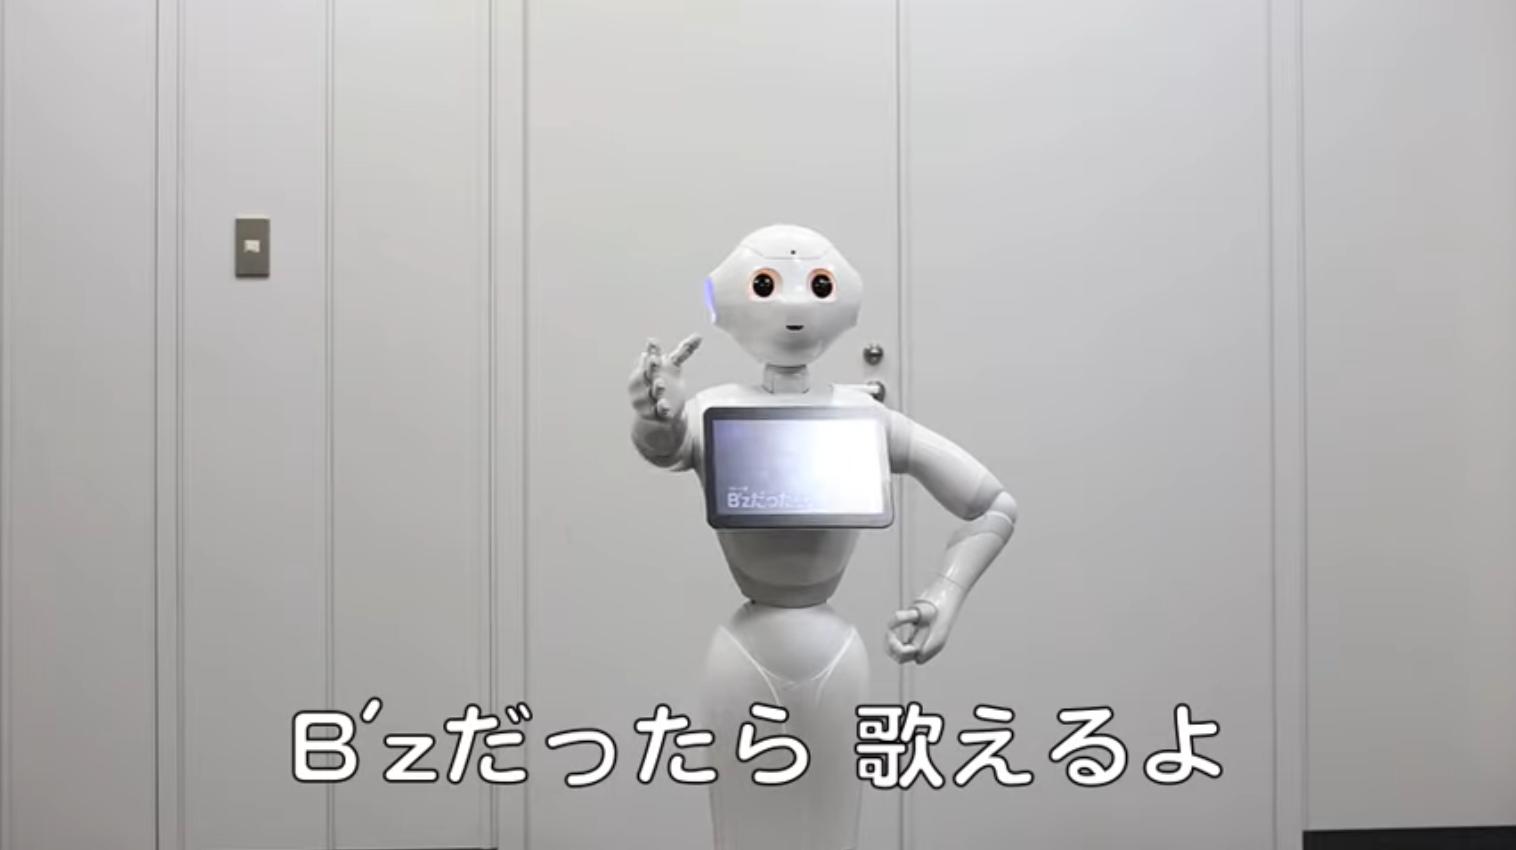 歌詞に「B'z」が登場する「Pepper主題歌」の動画